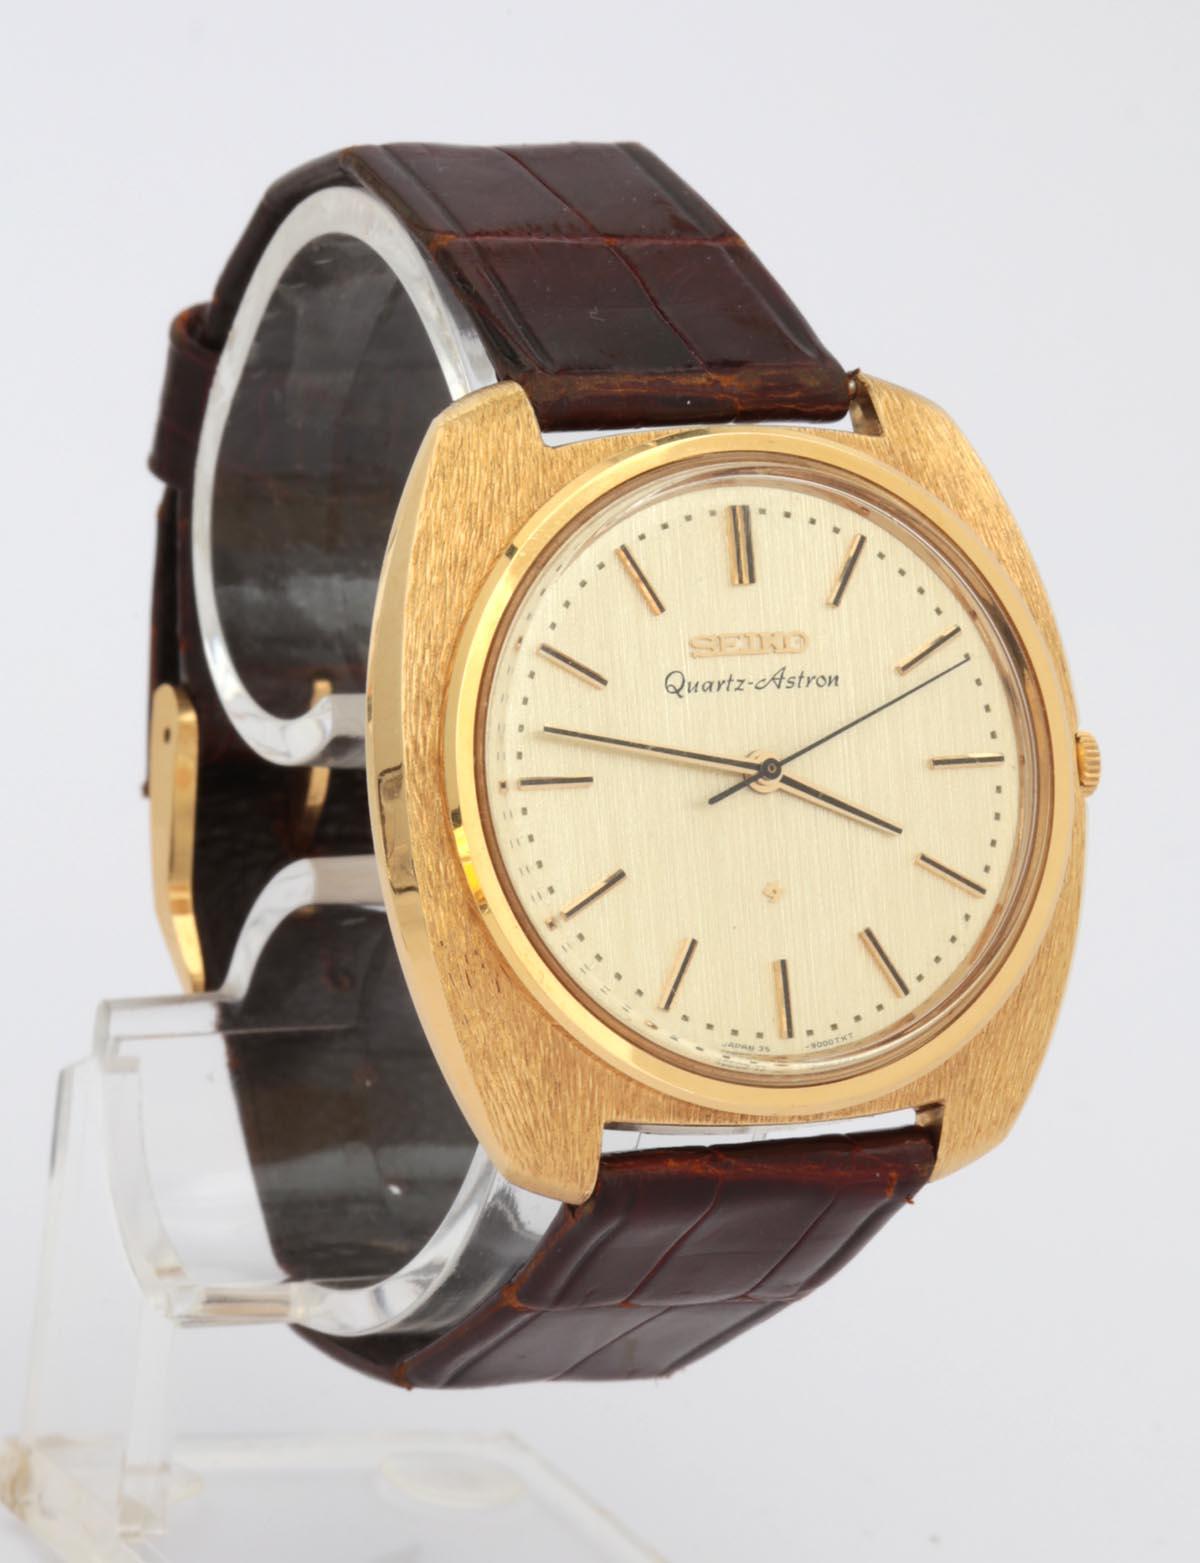 Astron Wristwatch Wikipedia